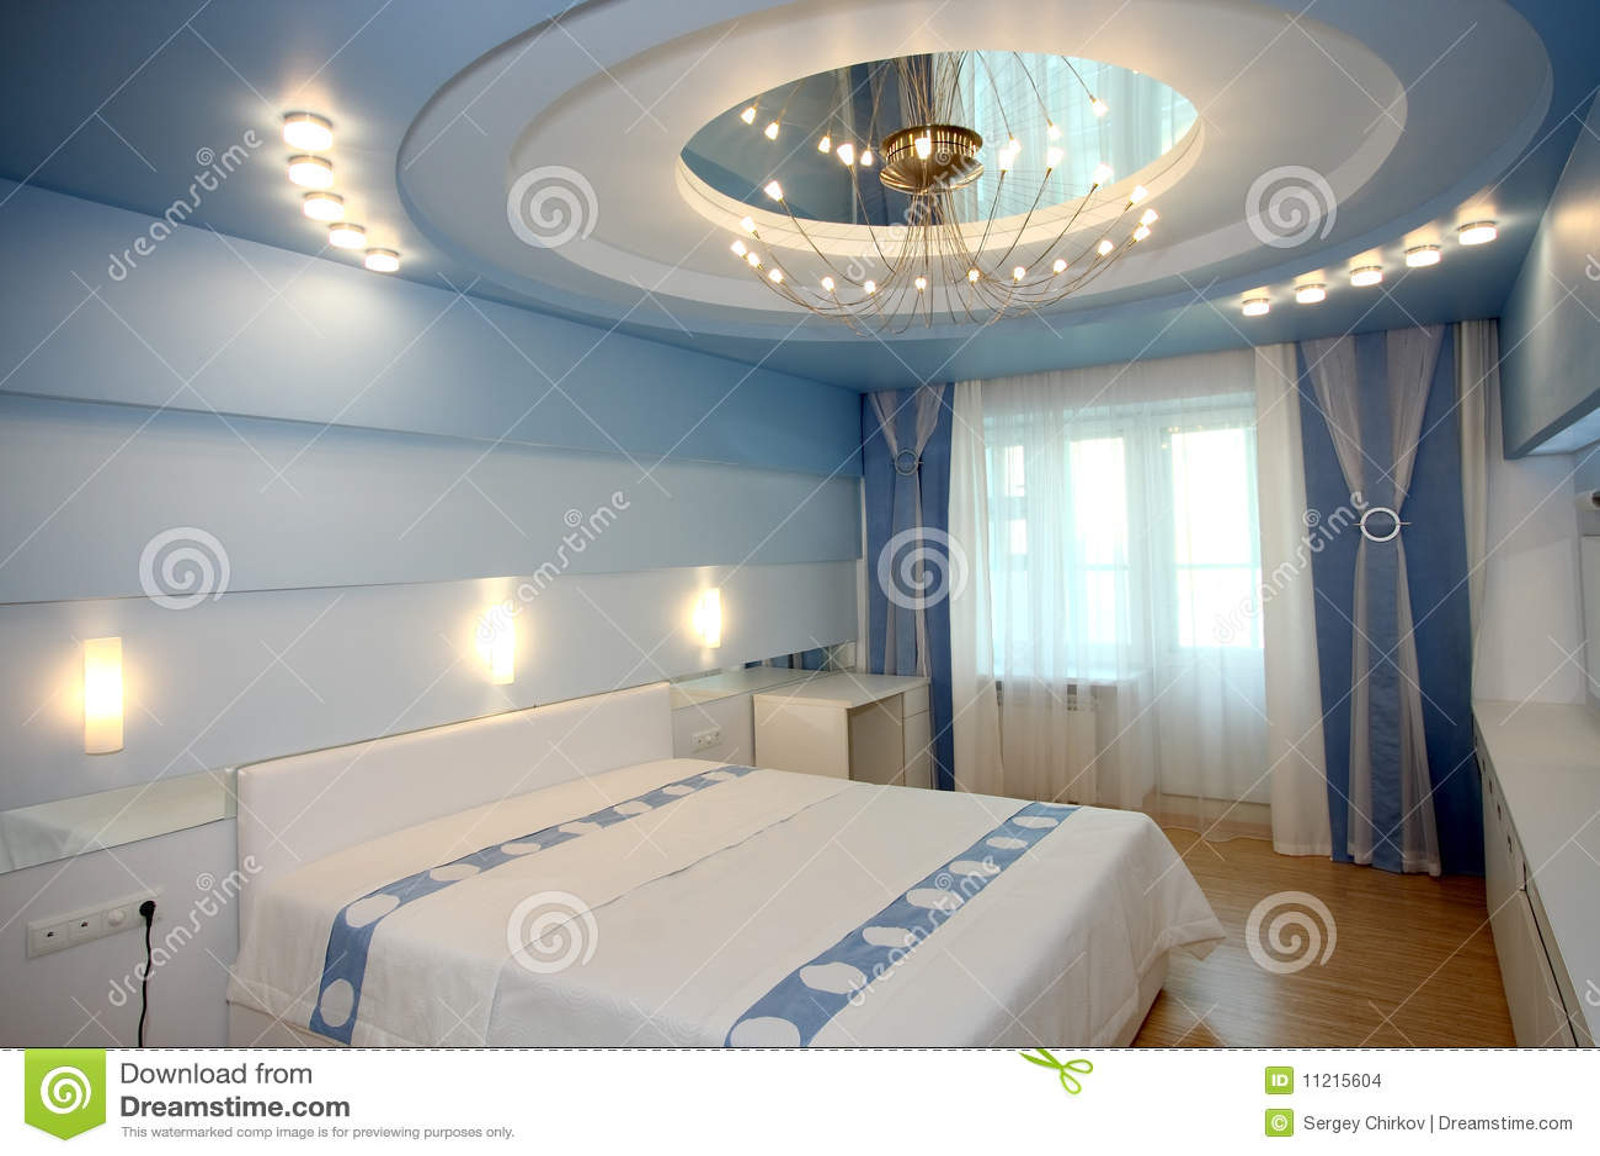 spiegel im schlafzimmer | bnbnews.co, Schlafzimmer entwurf